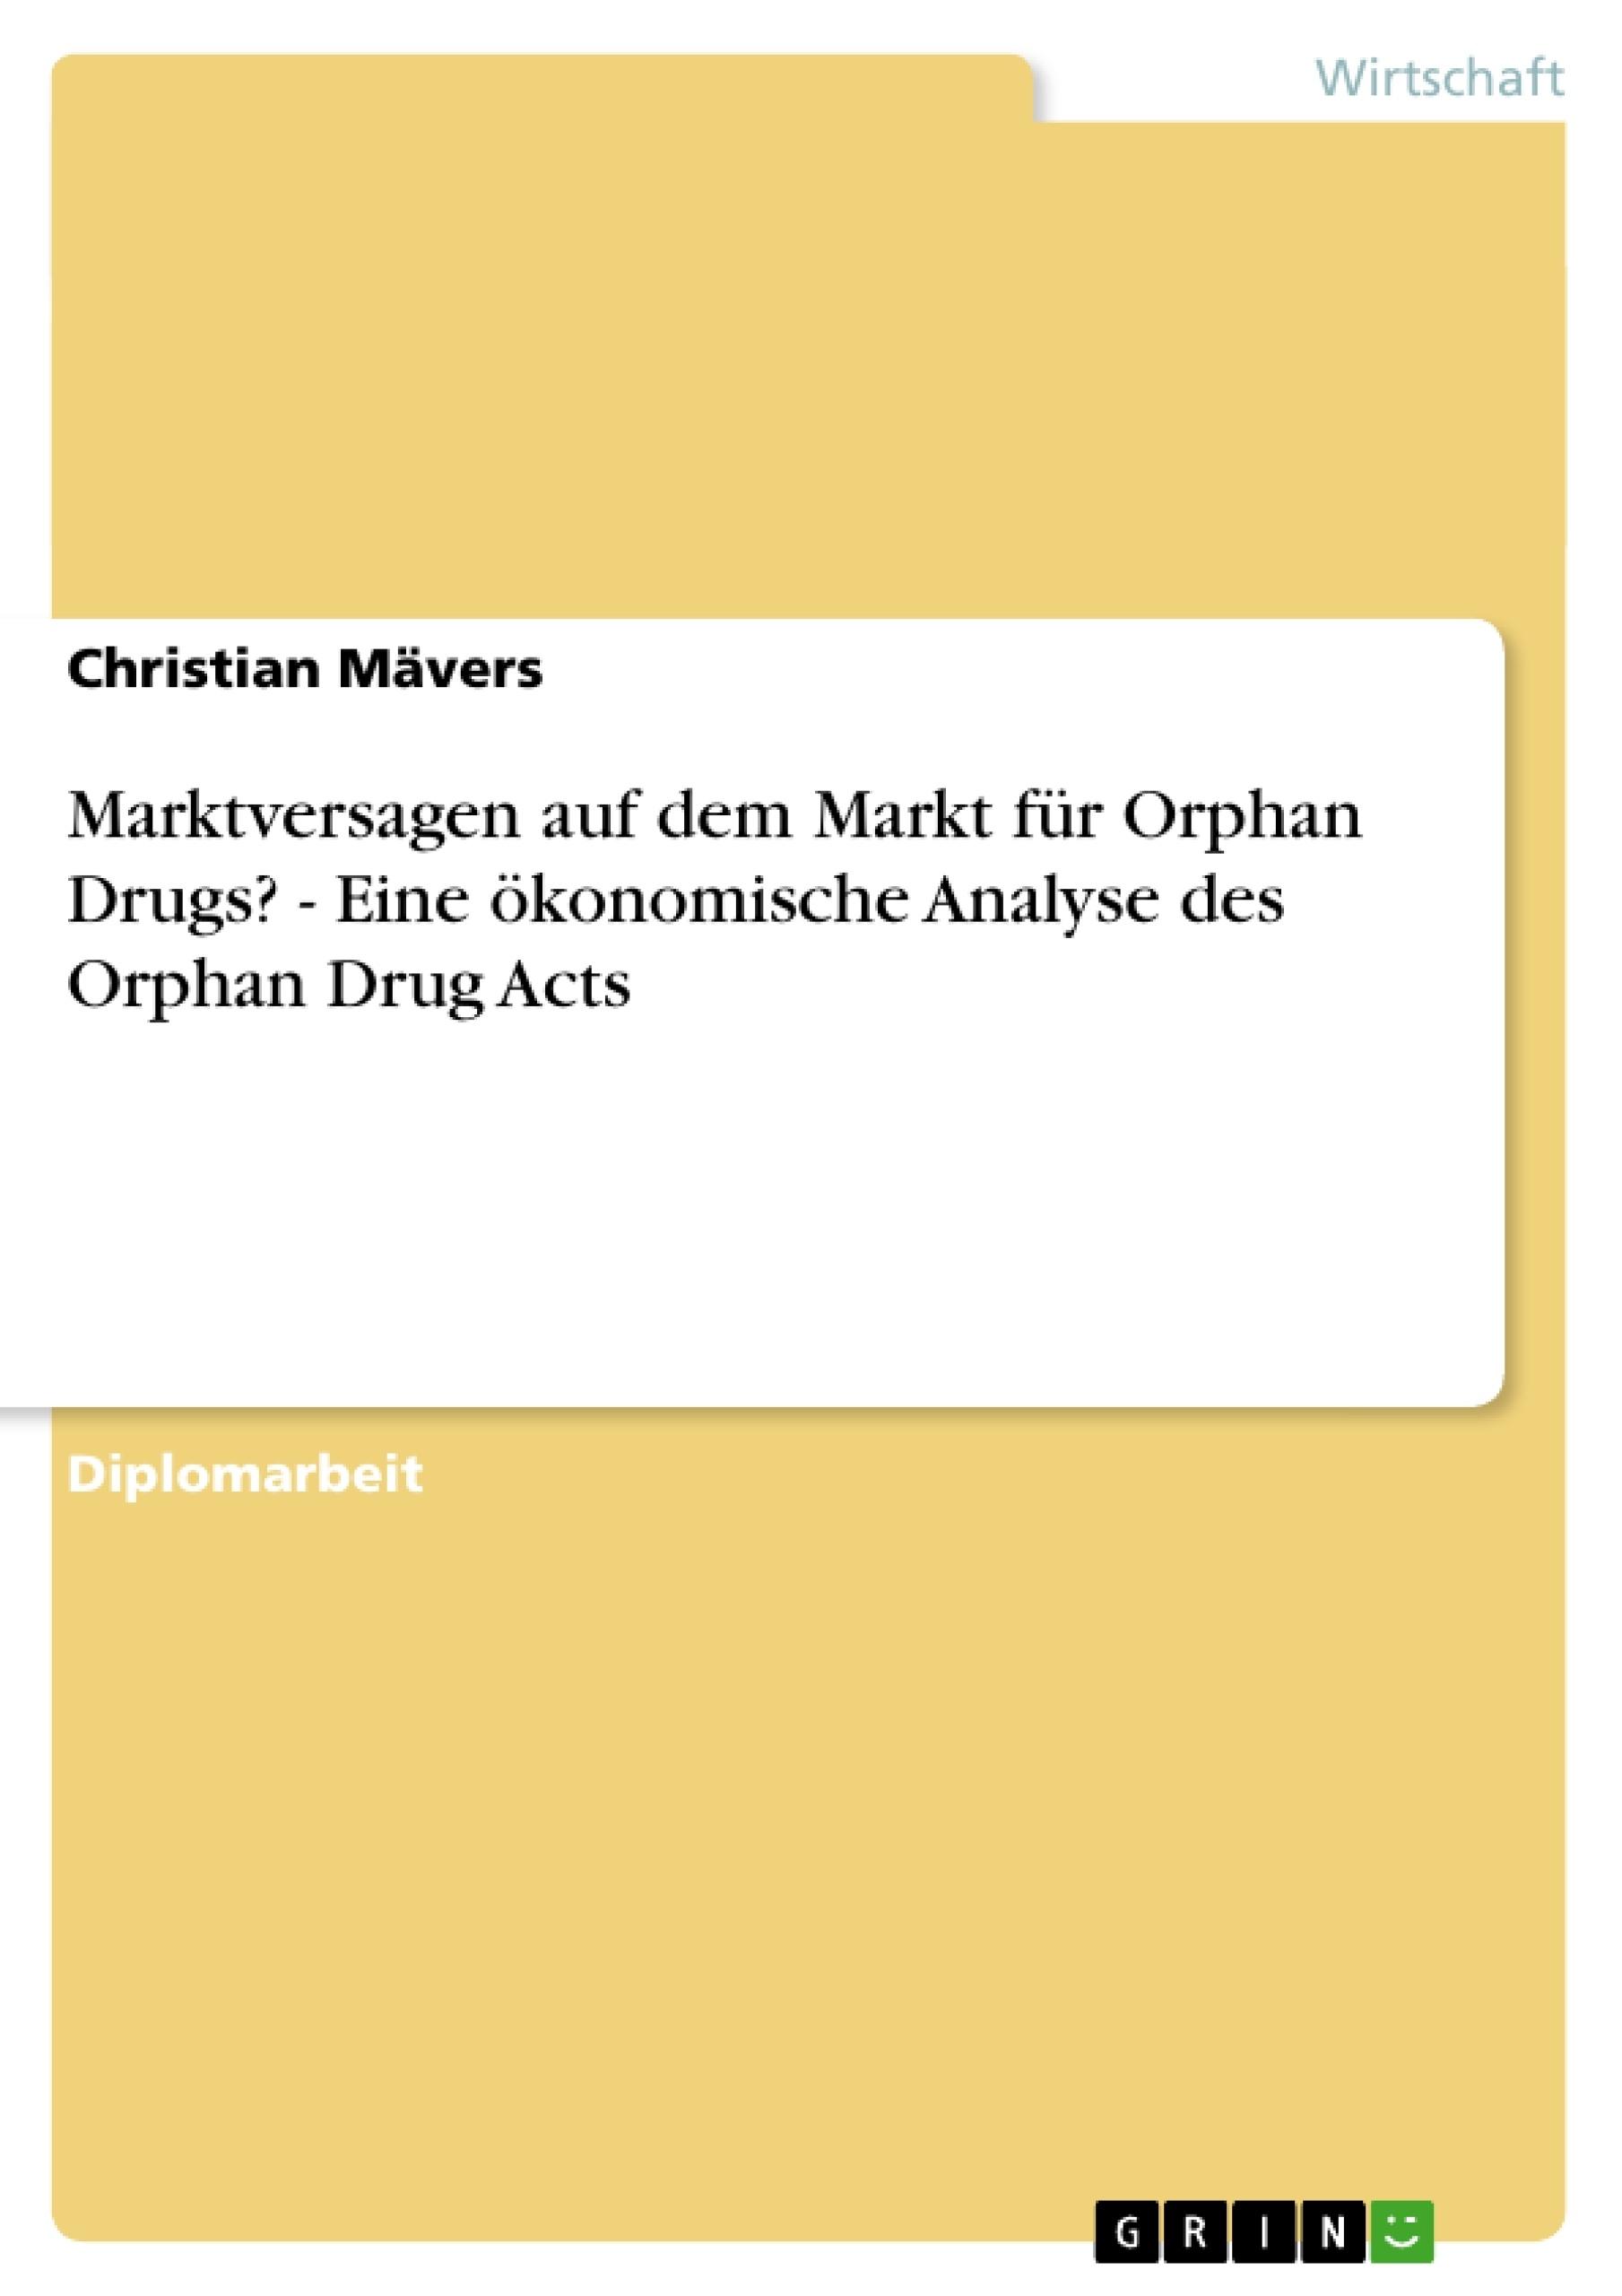 Titel: Marktversagen auf dem Markt für Orphan Drugs? - Eine ökonomische Analyse des Orphan Drug Acts